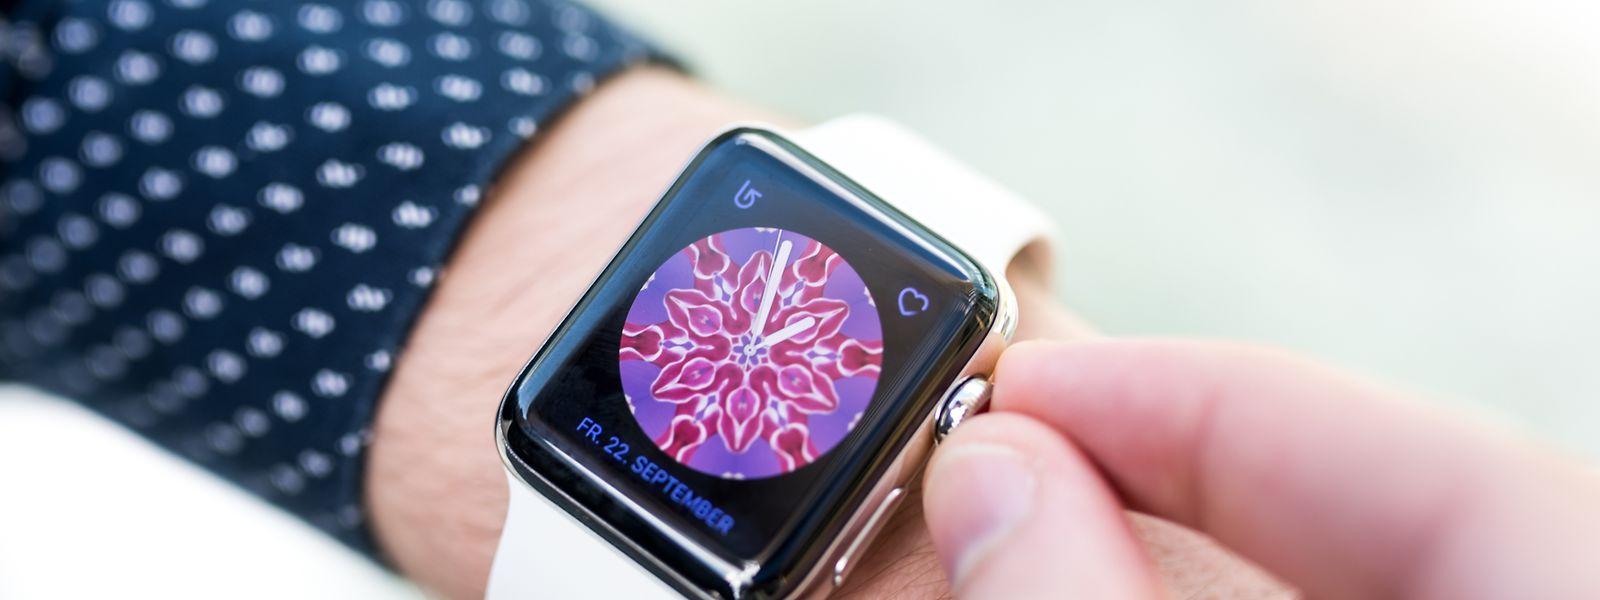 Für die Apple Watch 3 gibt es zahlreiche neue Ziffernblätter.